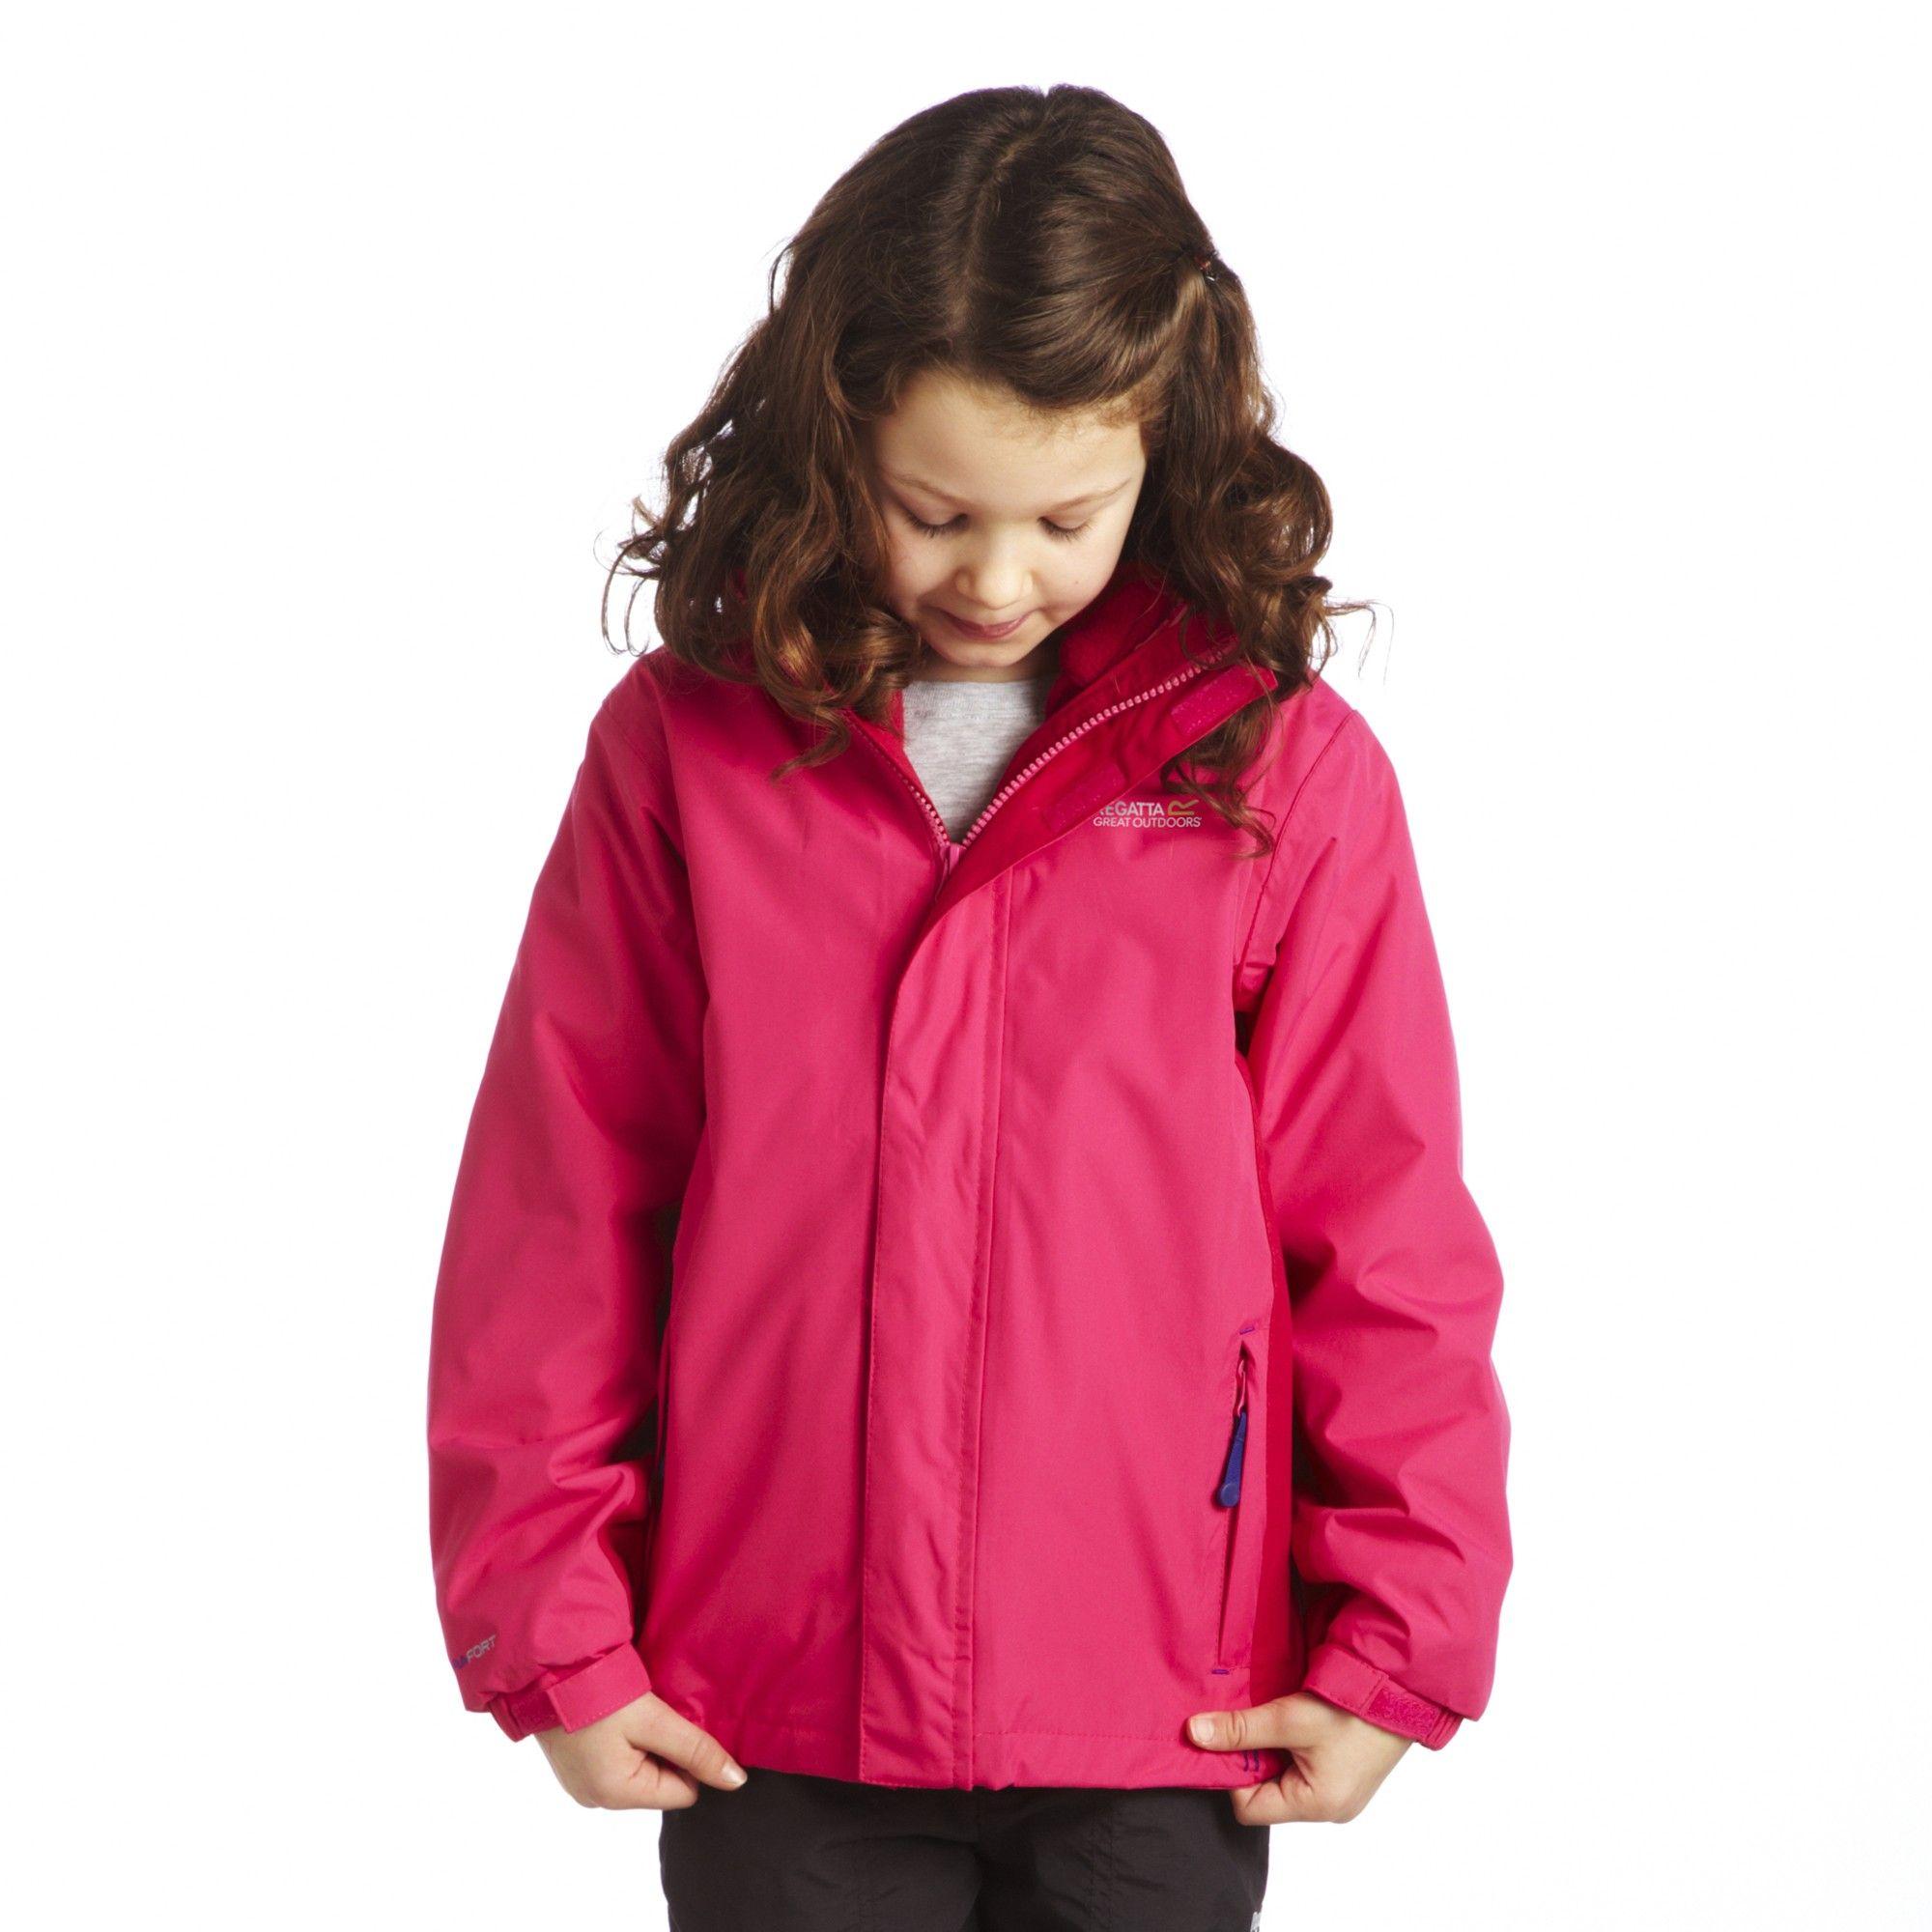 Regatta Great Outdoors Kids Luca II 3 In 1 Jacket